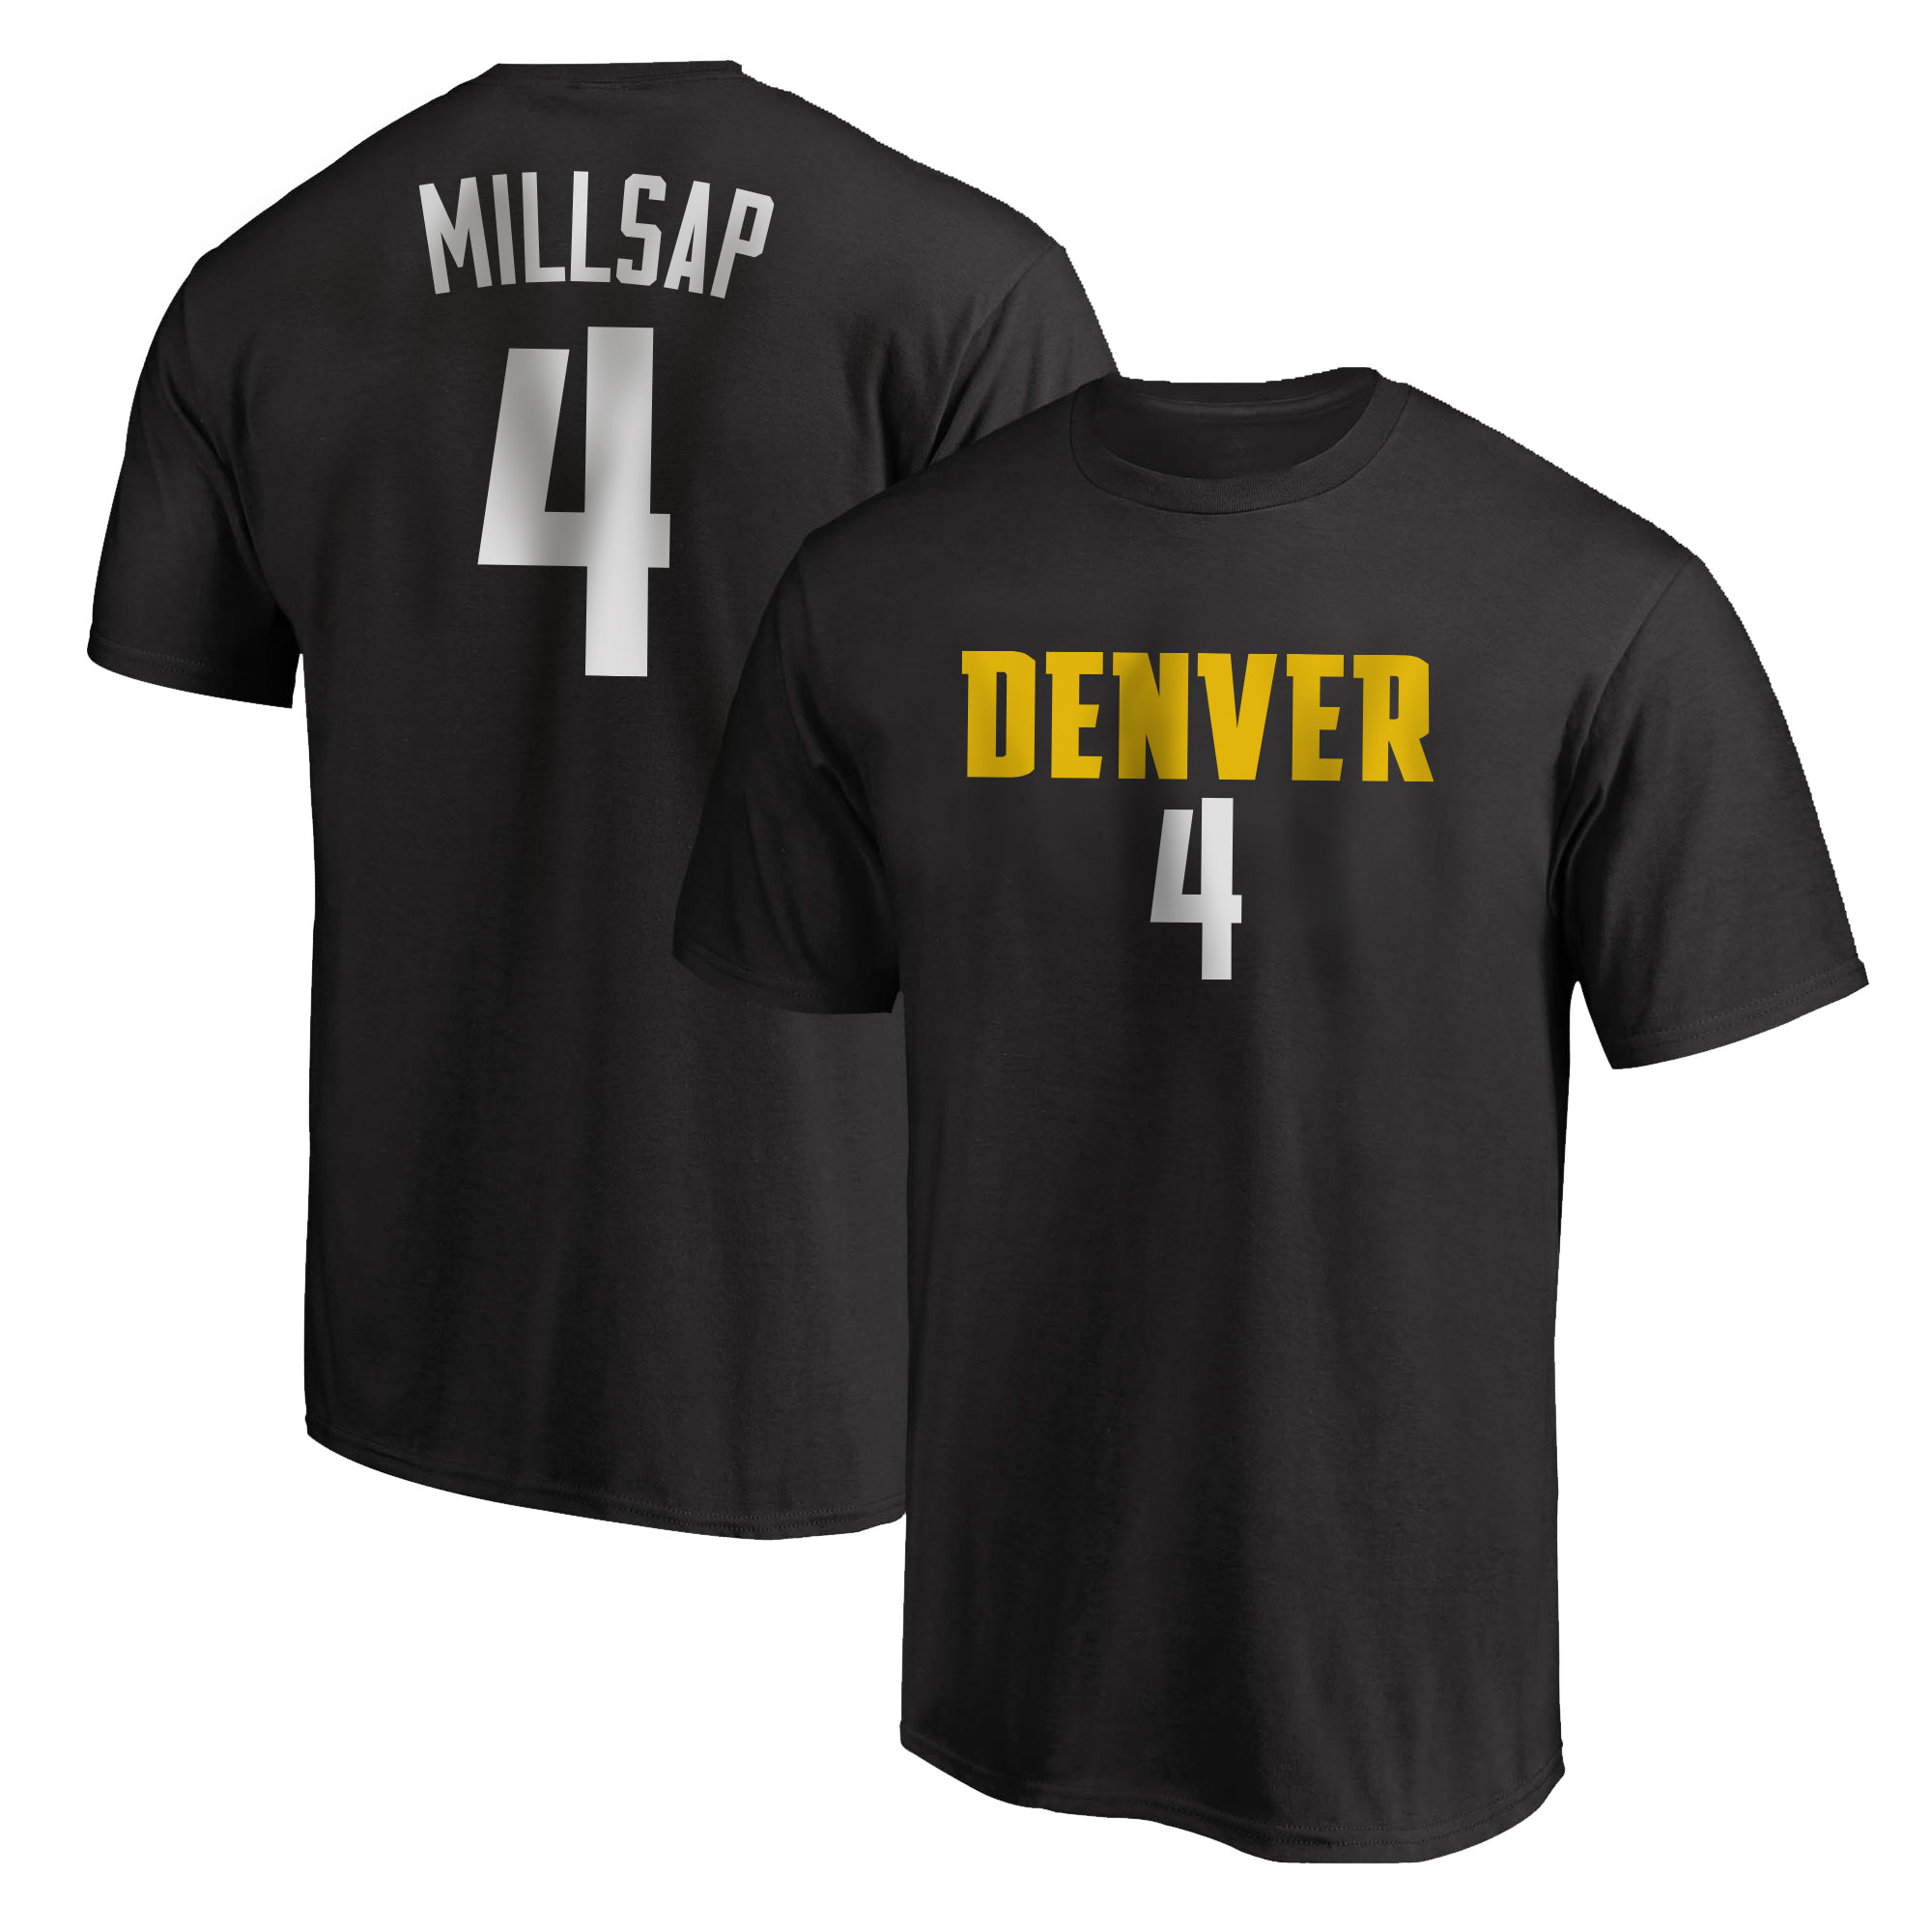 Denver Nuggets Paul Millsap Tshirt (TSH-BLC-PLT-505-4)